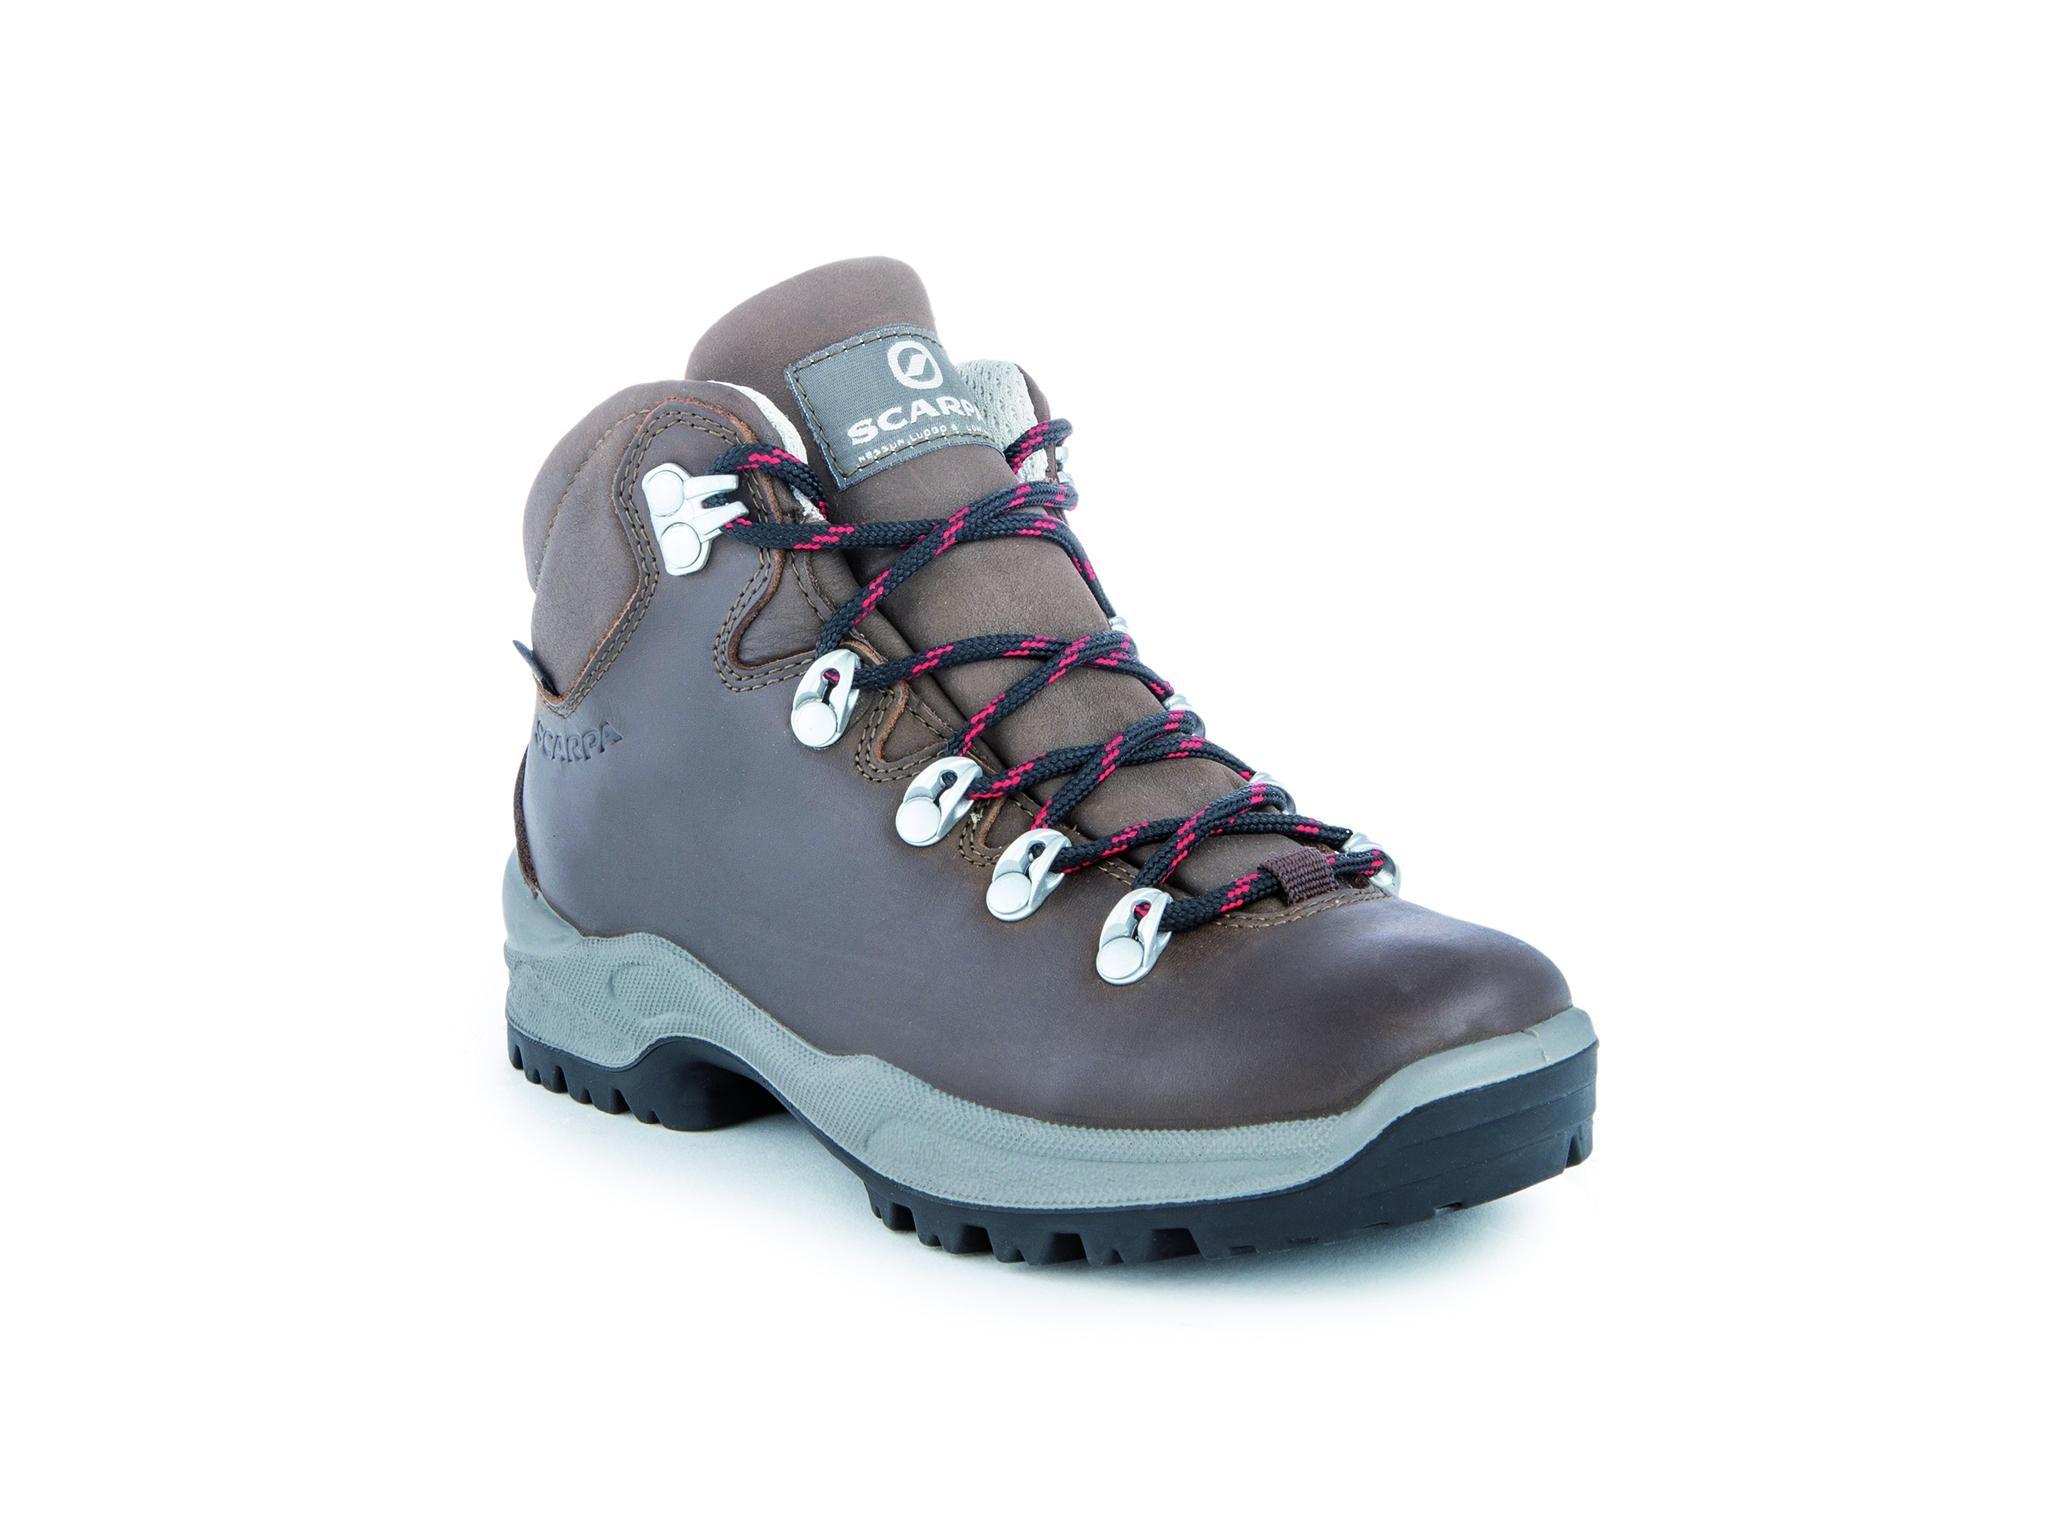 Best kids' walking boots 2020